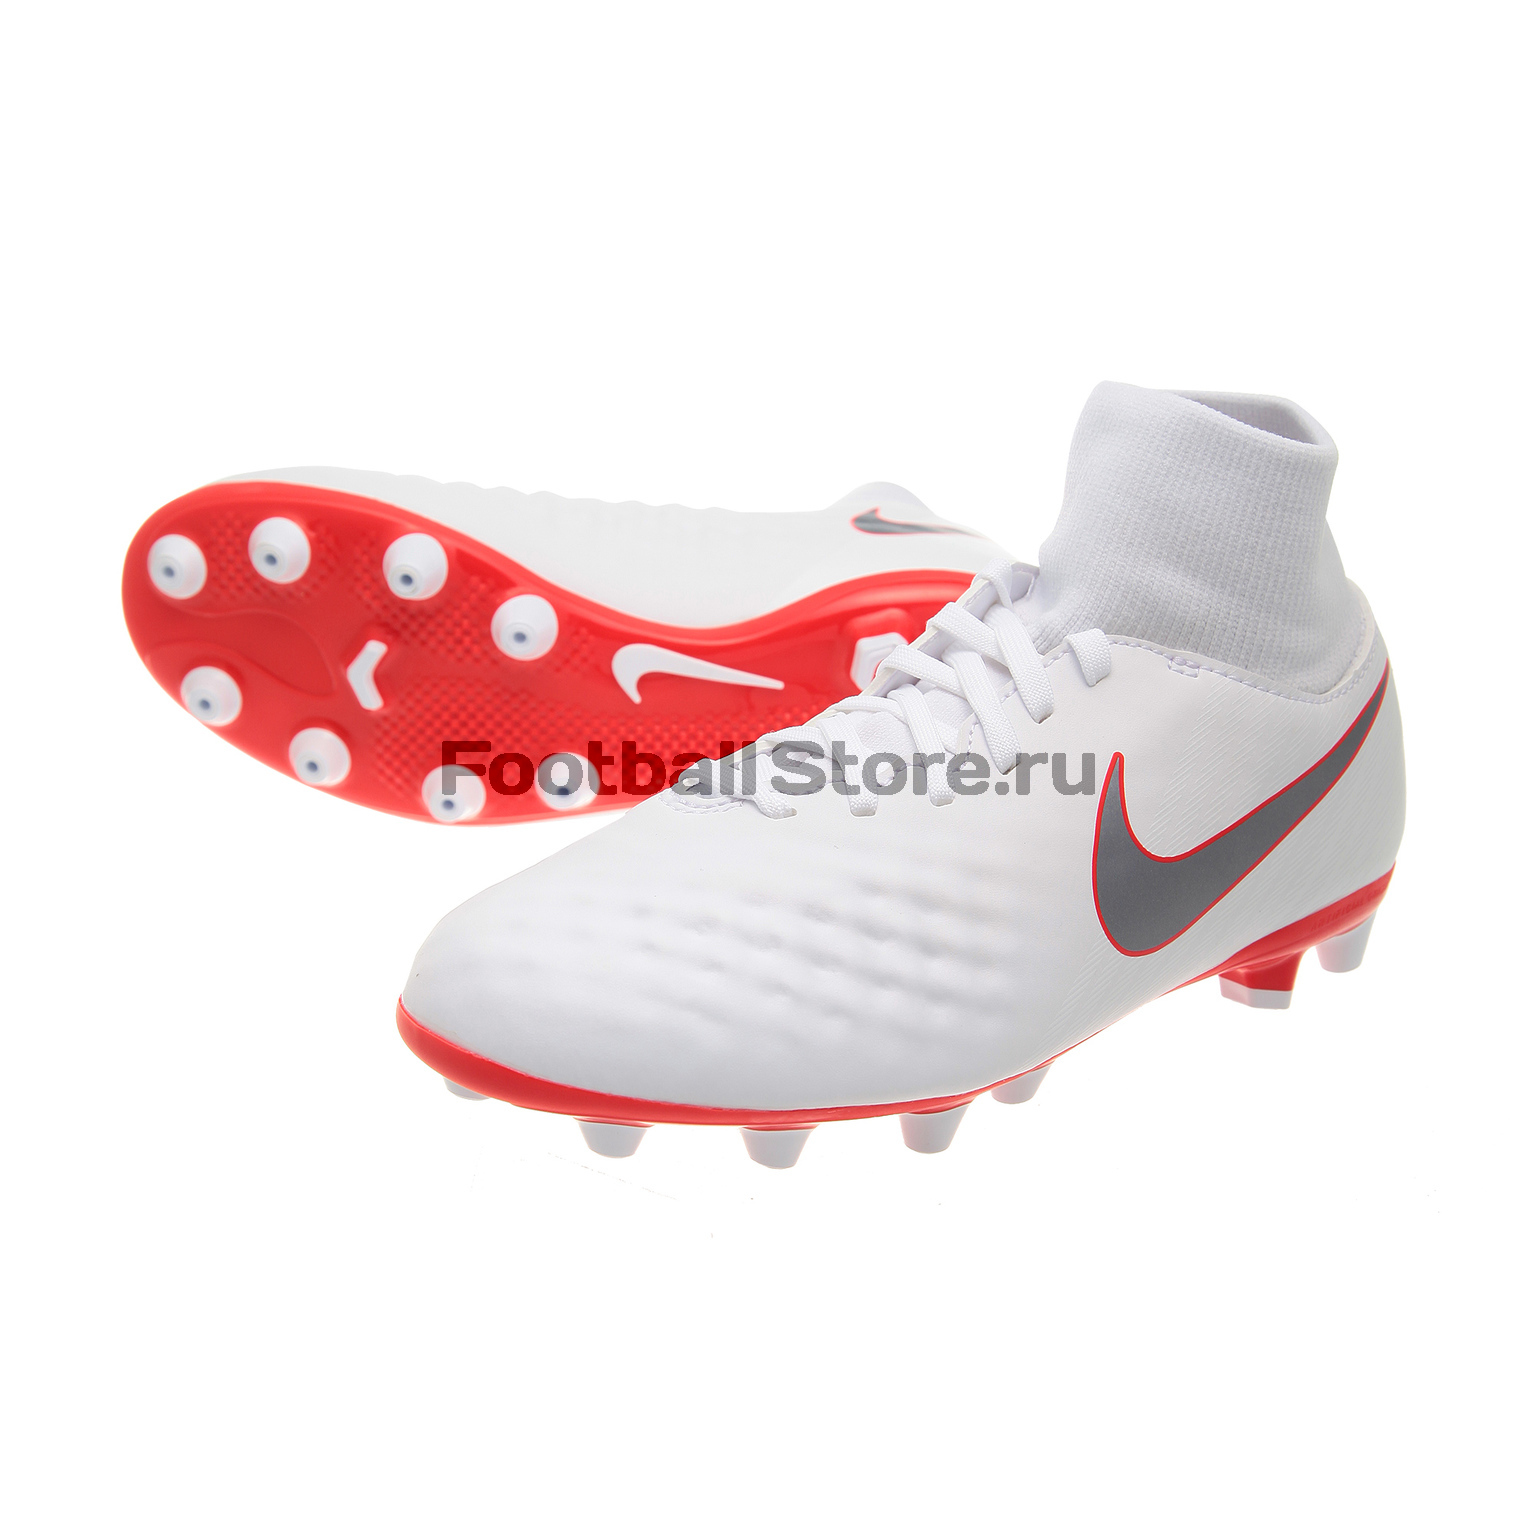 Бутсы детские Nike Obra 2 Academy DF AG-Pro AO4556-107 бутсы nike phantom 3 academy df ag pro ah7266 107